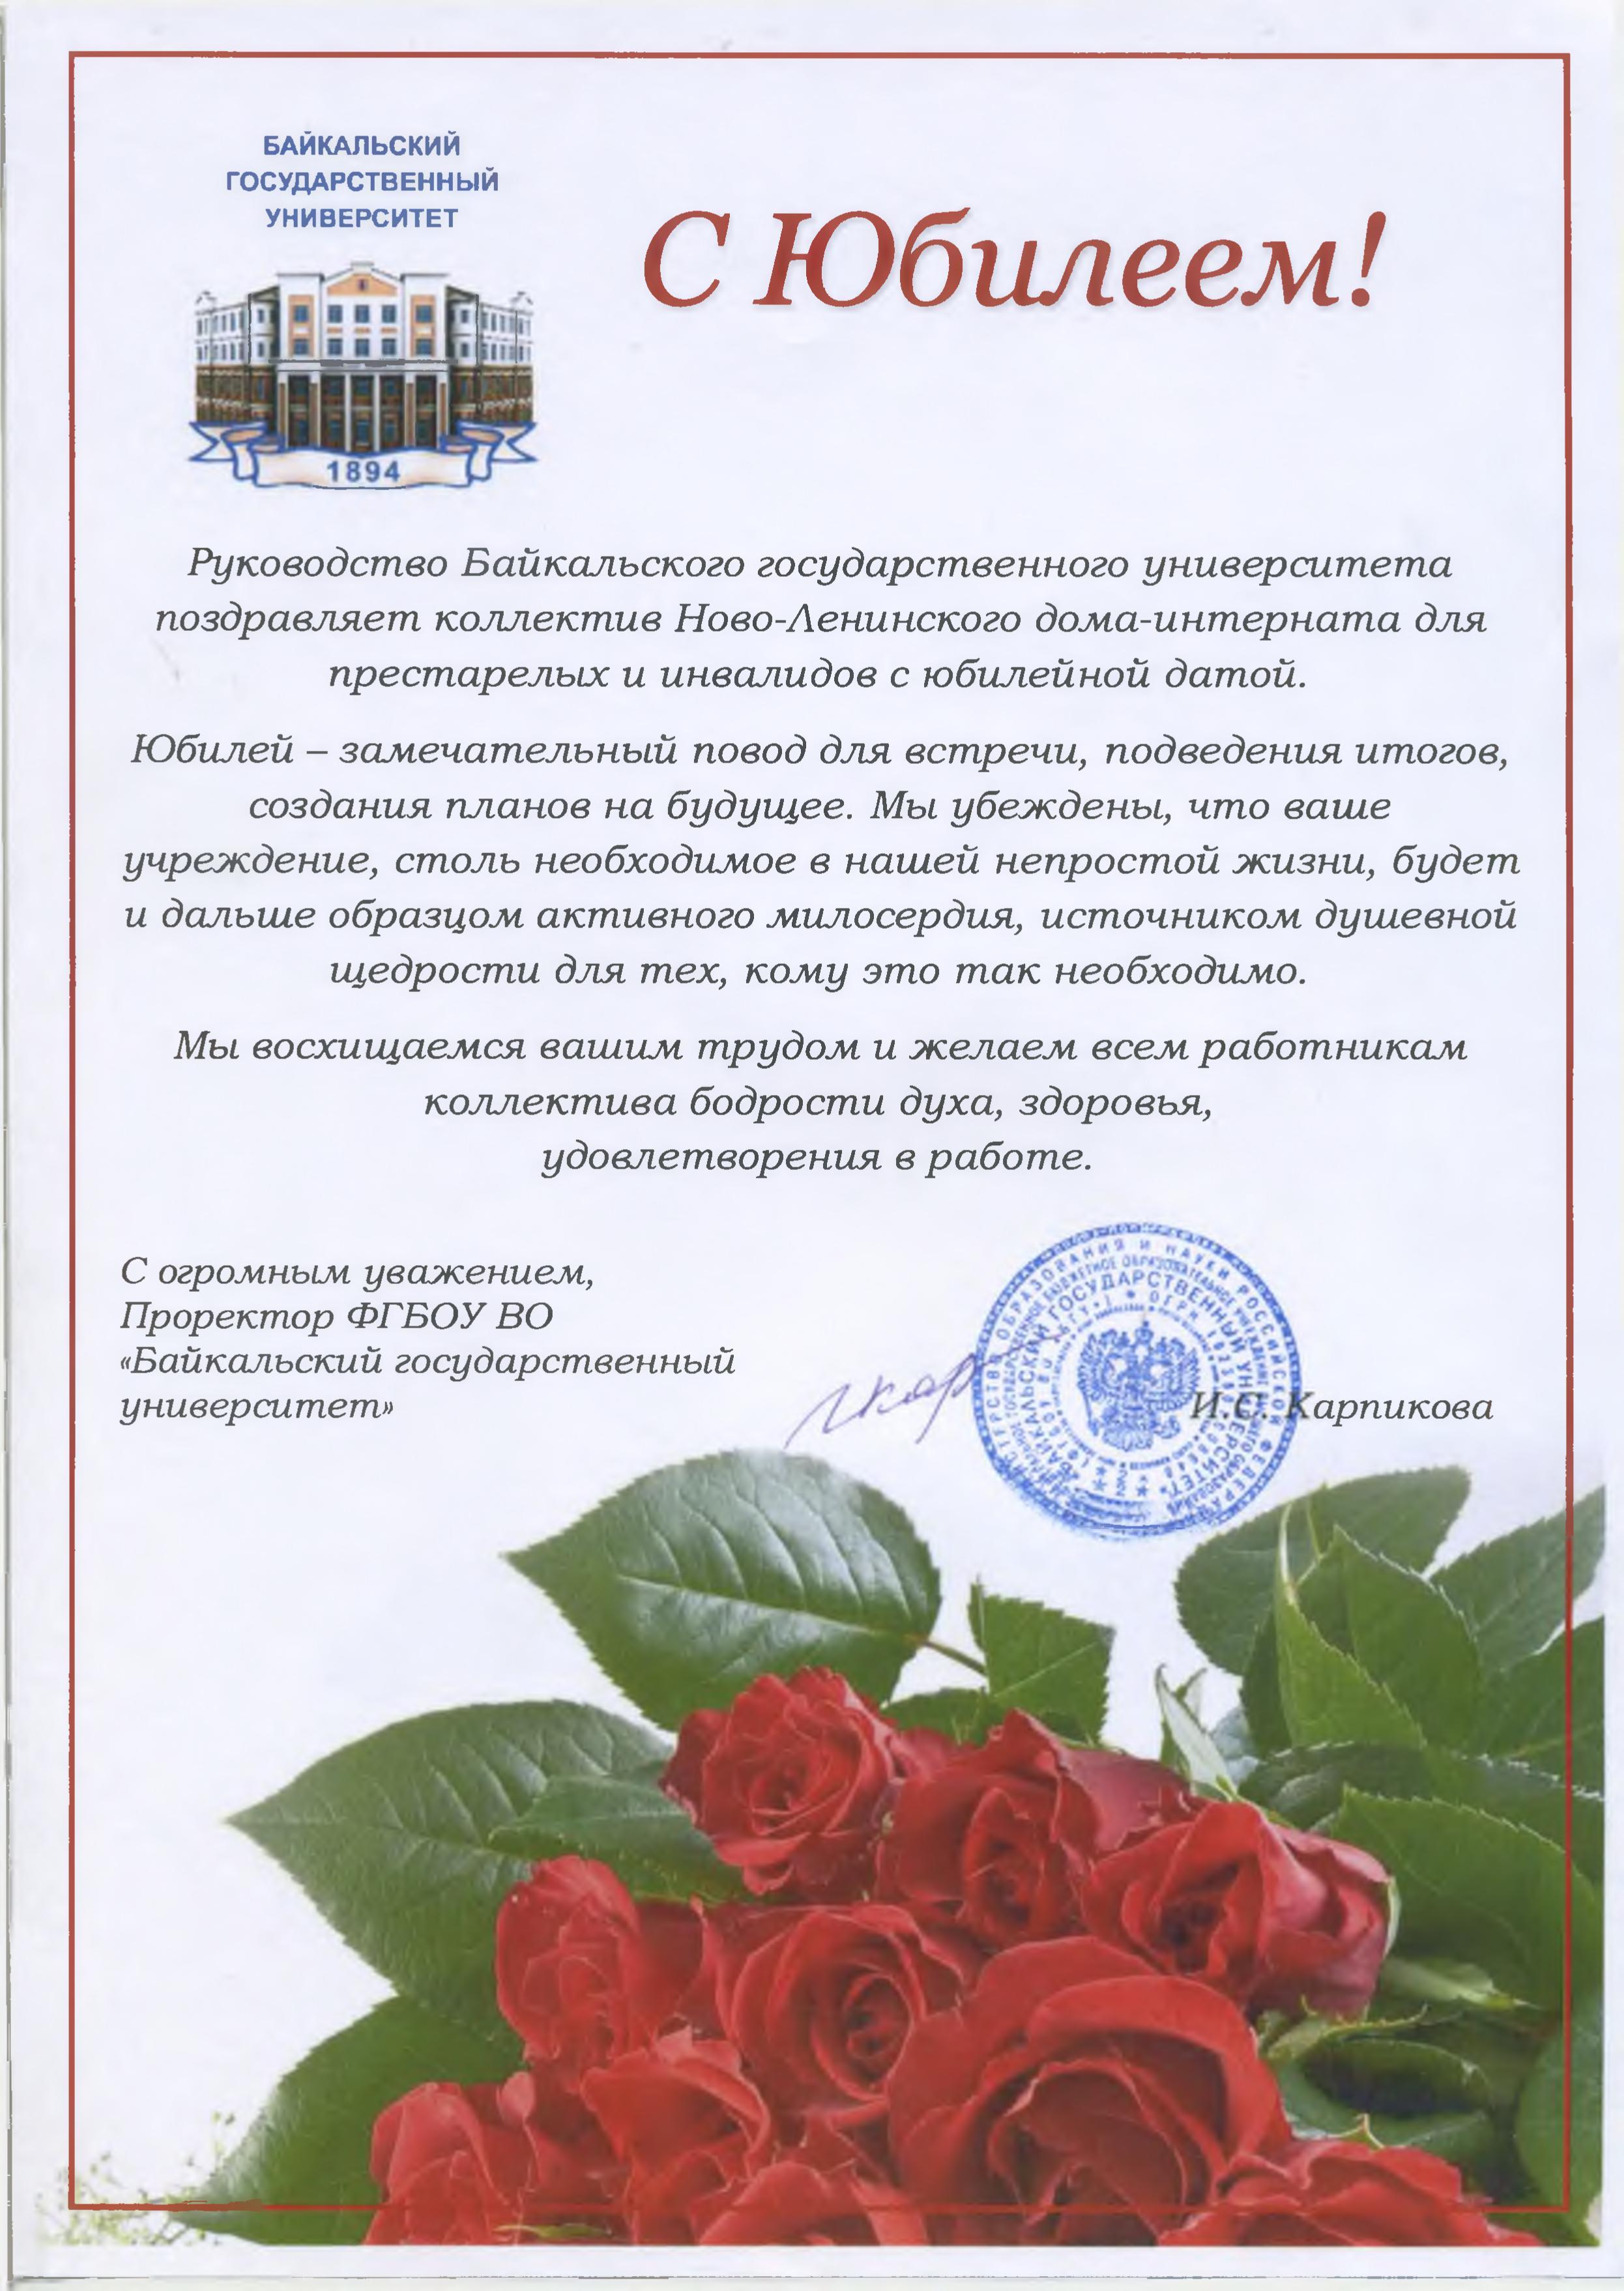 Поздравления с призами юбилярше